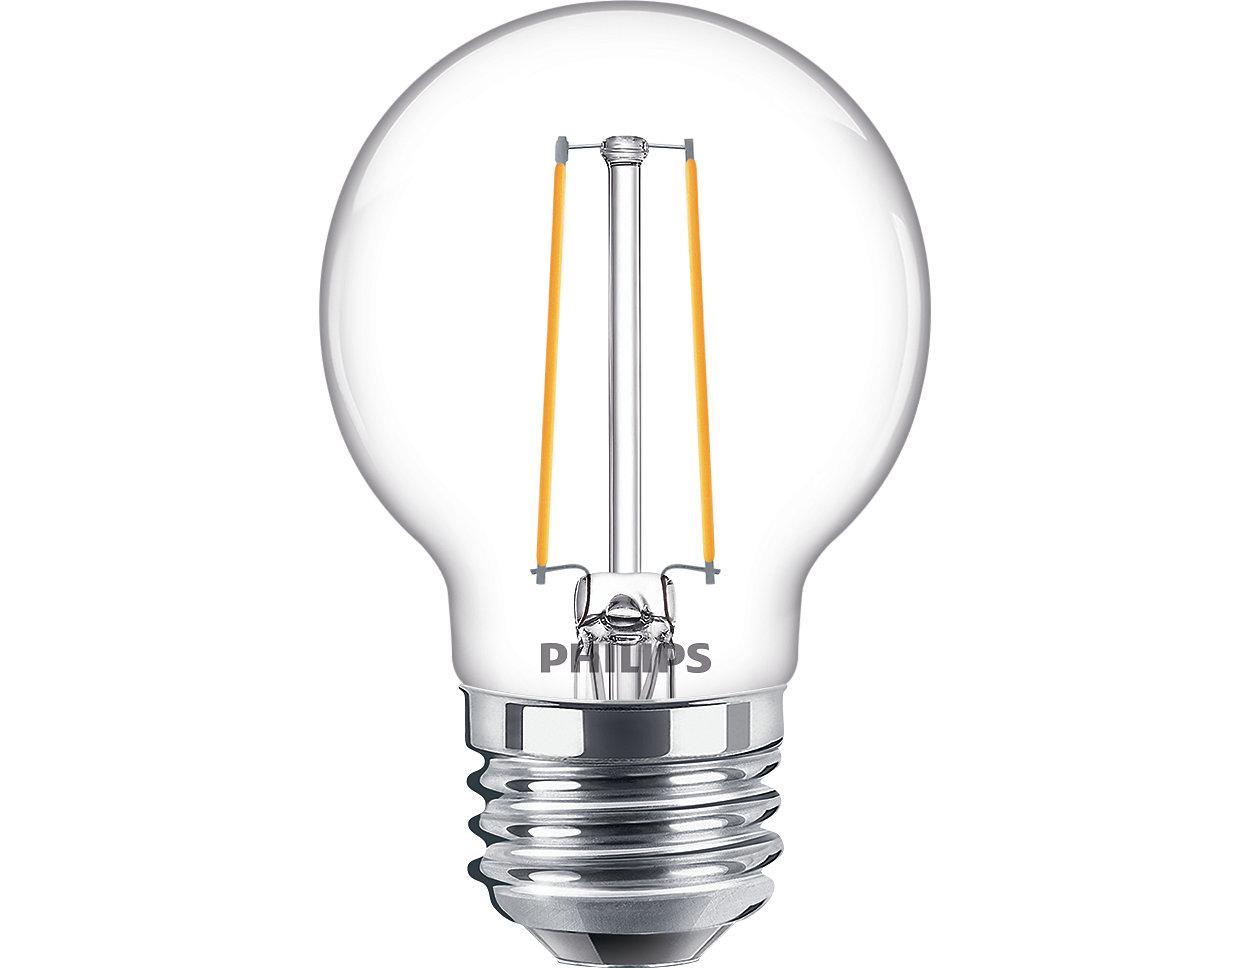 Économie d'énergie dans un style élégant et polyvalent